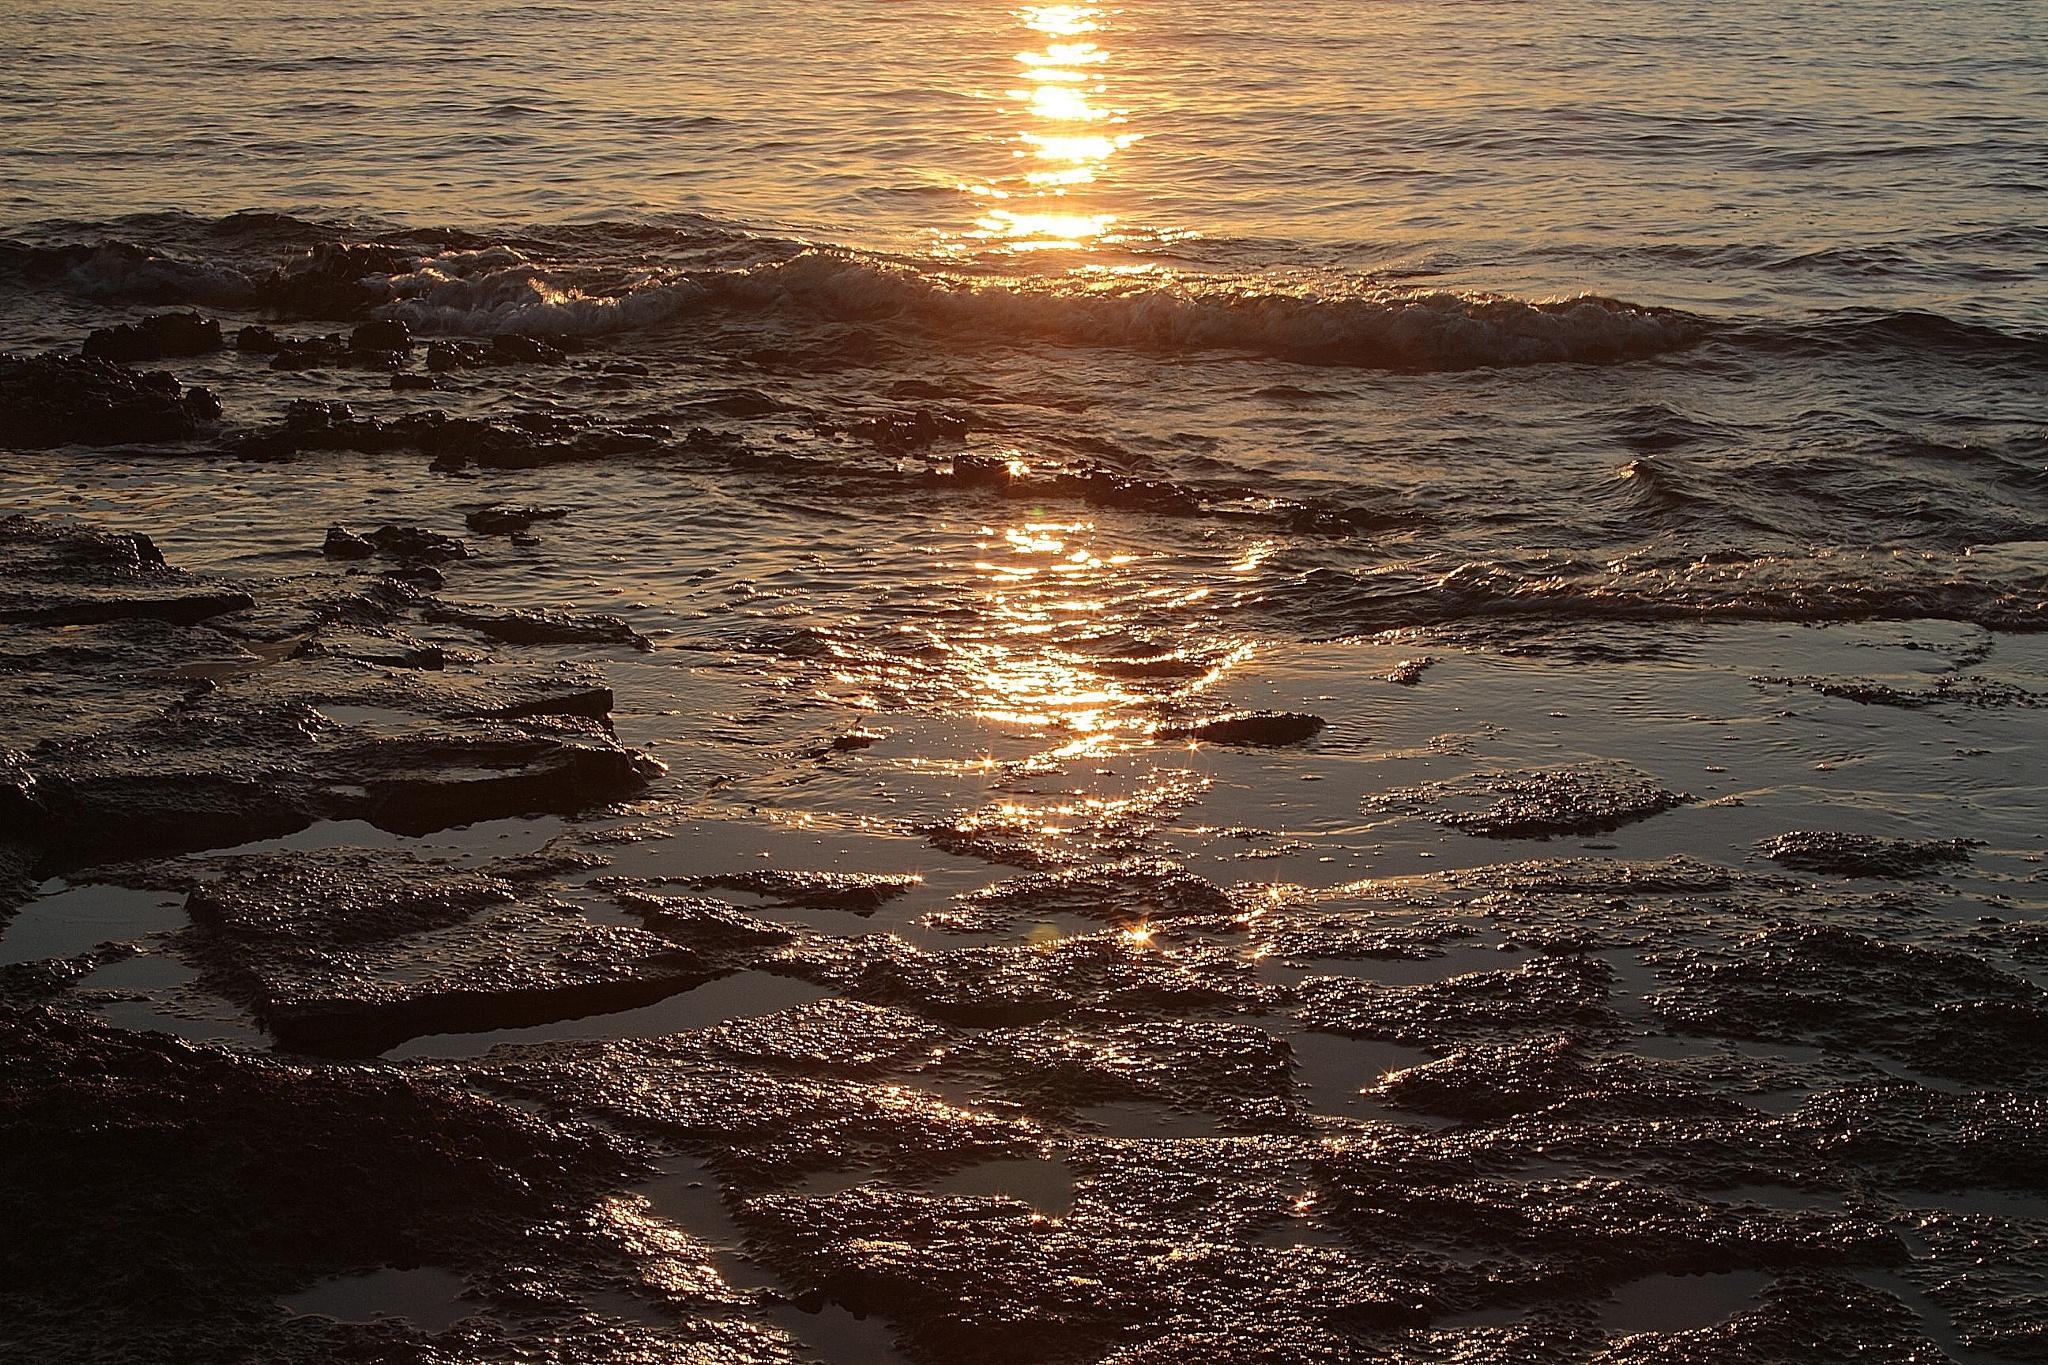 Il mare by meiferdinando